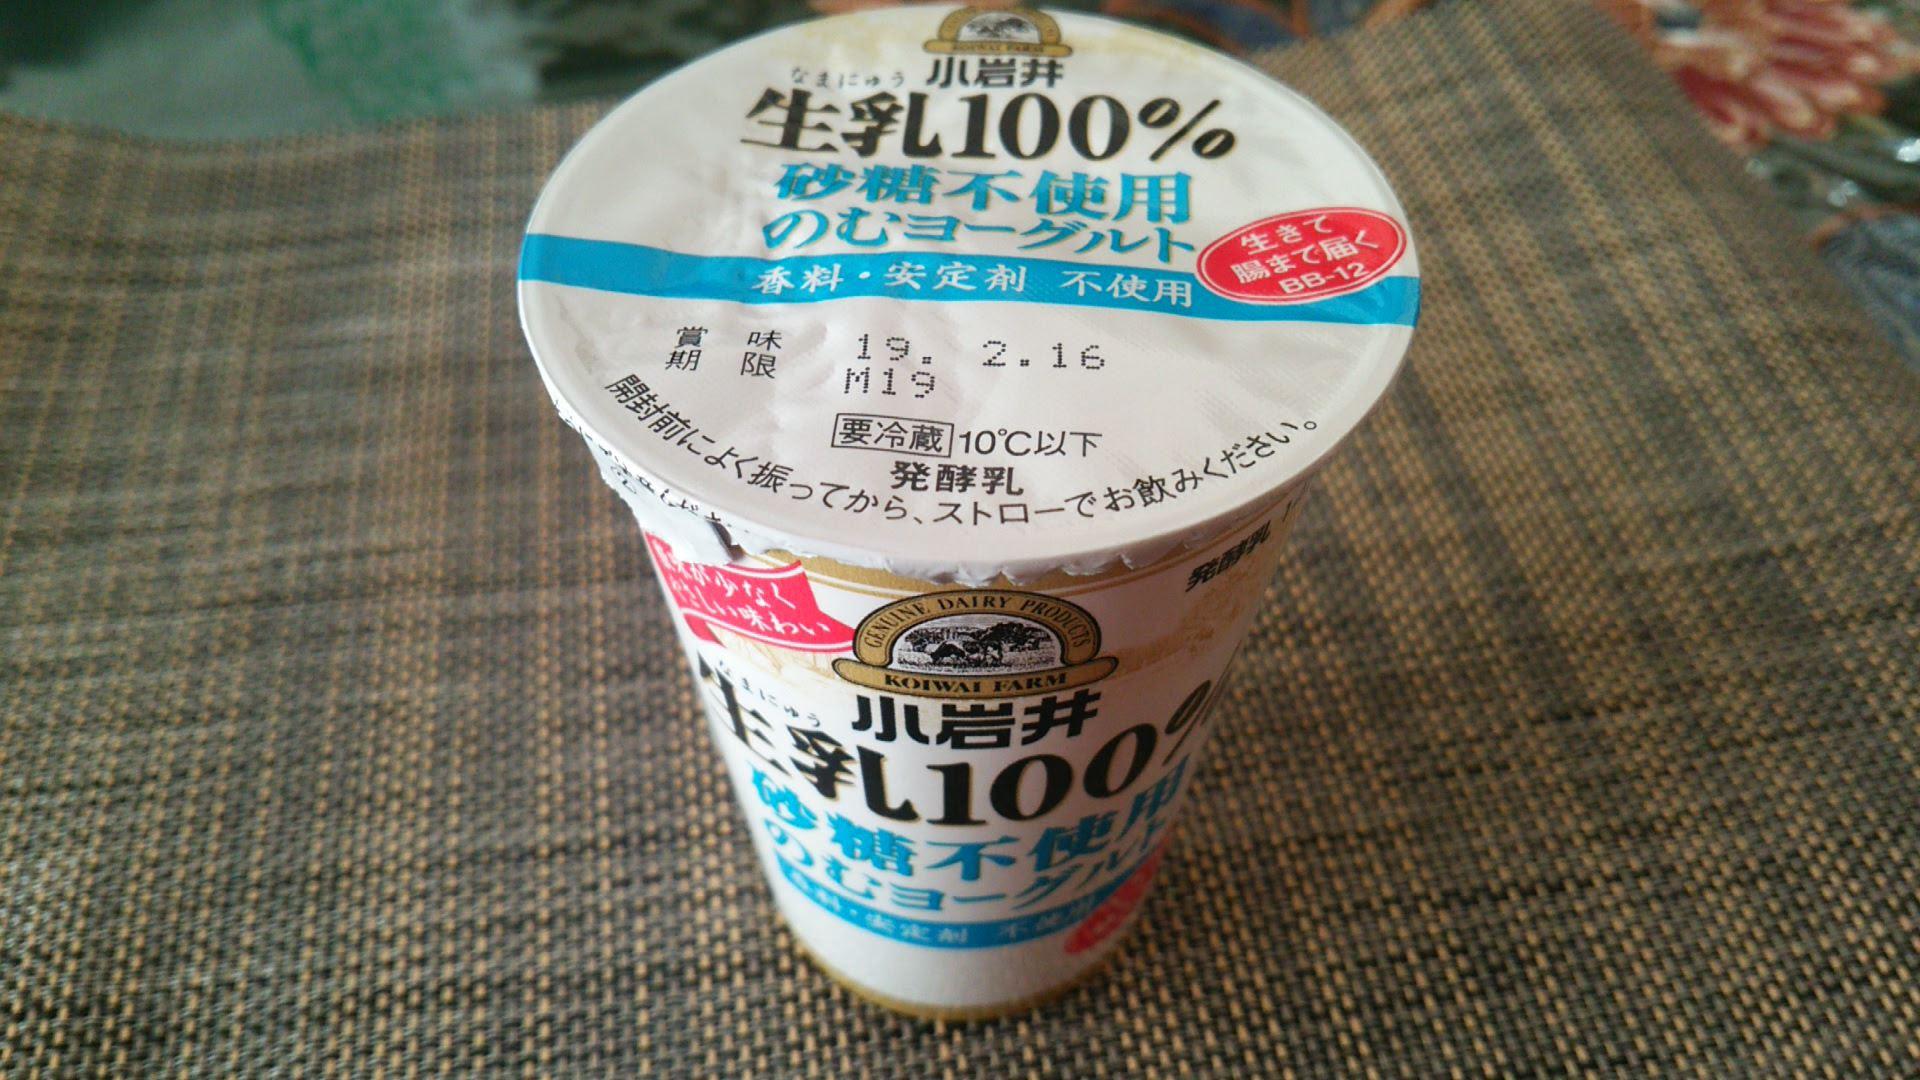 小岩井『生乳100%砂糖不使用のむヨーグルト』